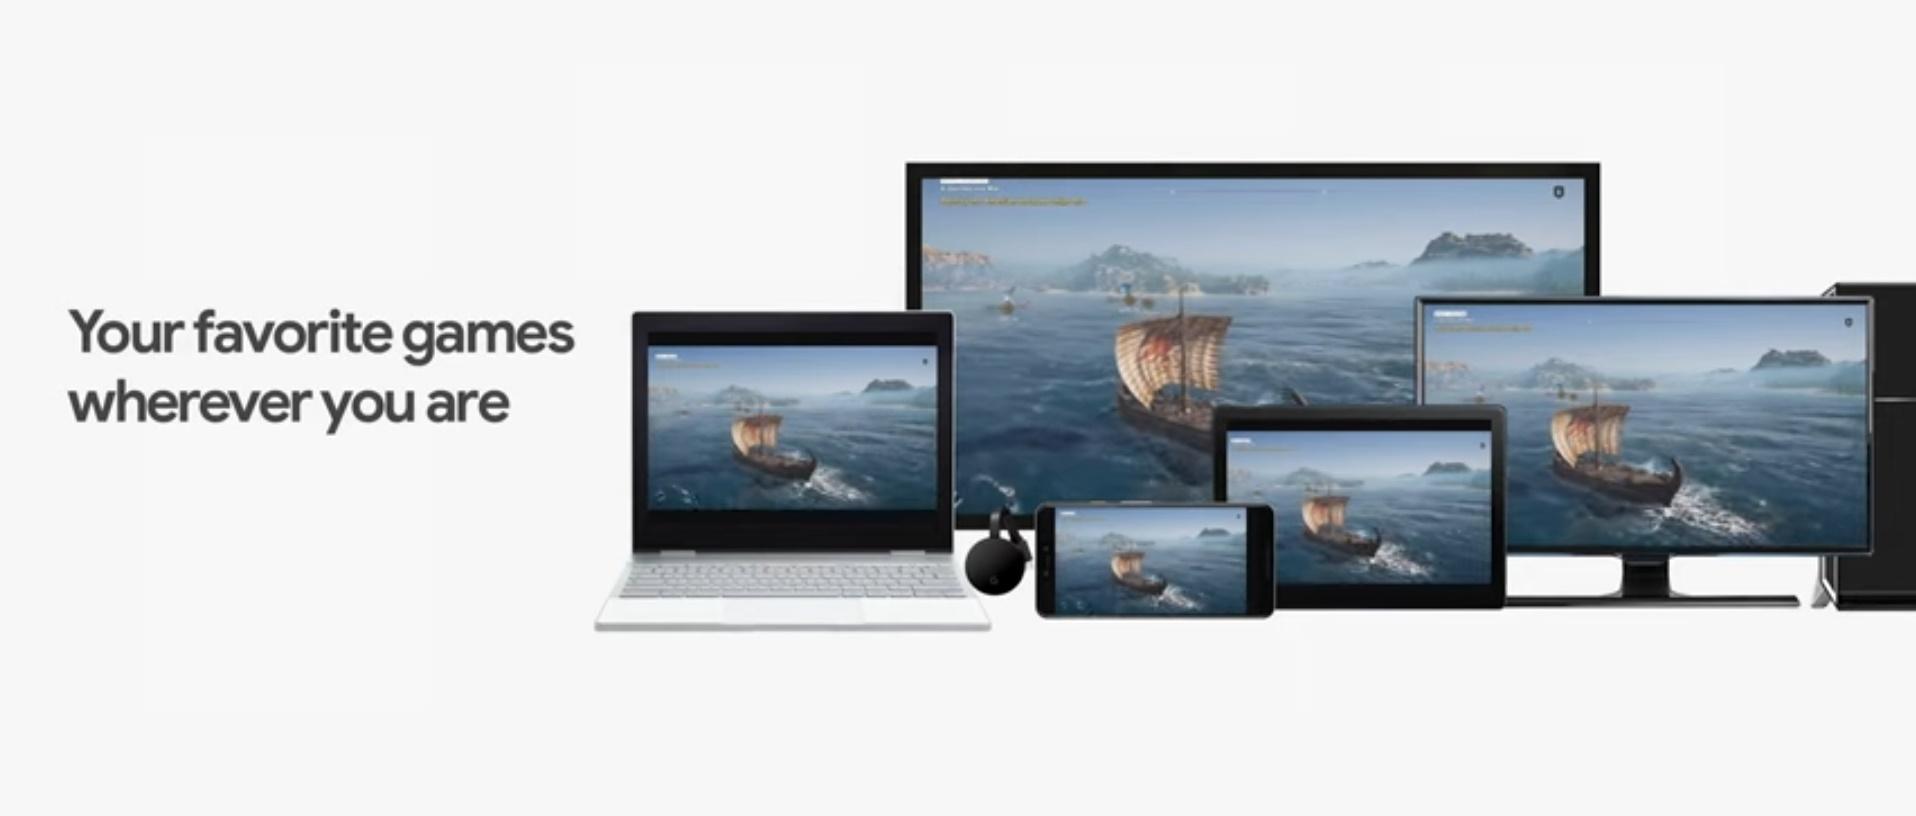 Google-Stadia-Devices